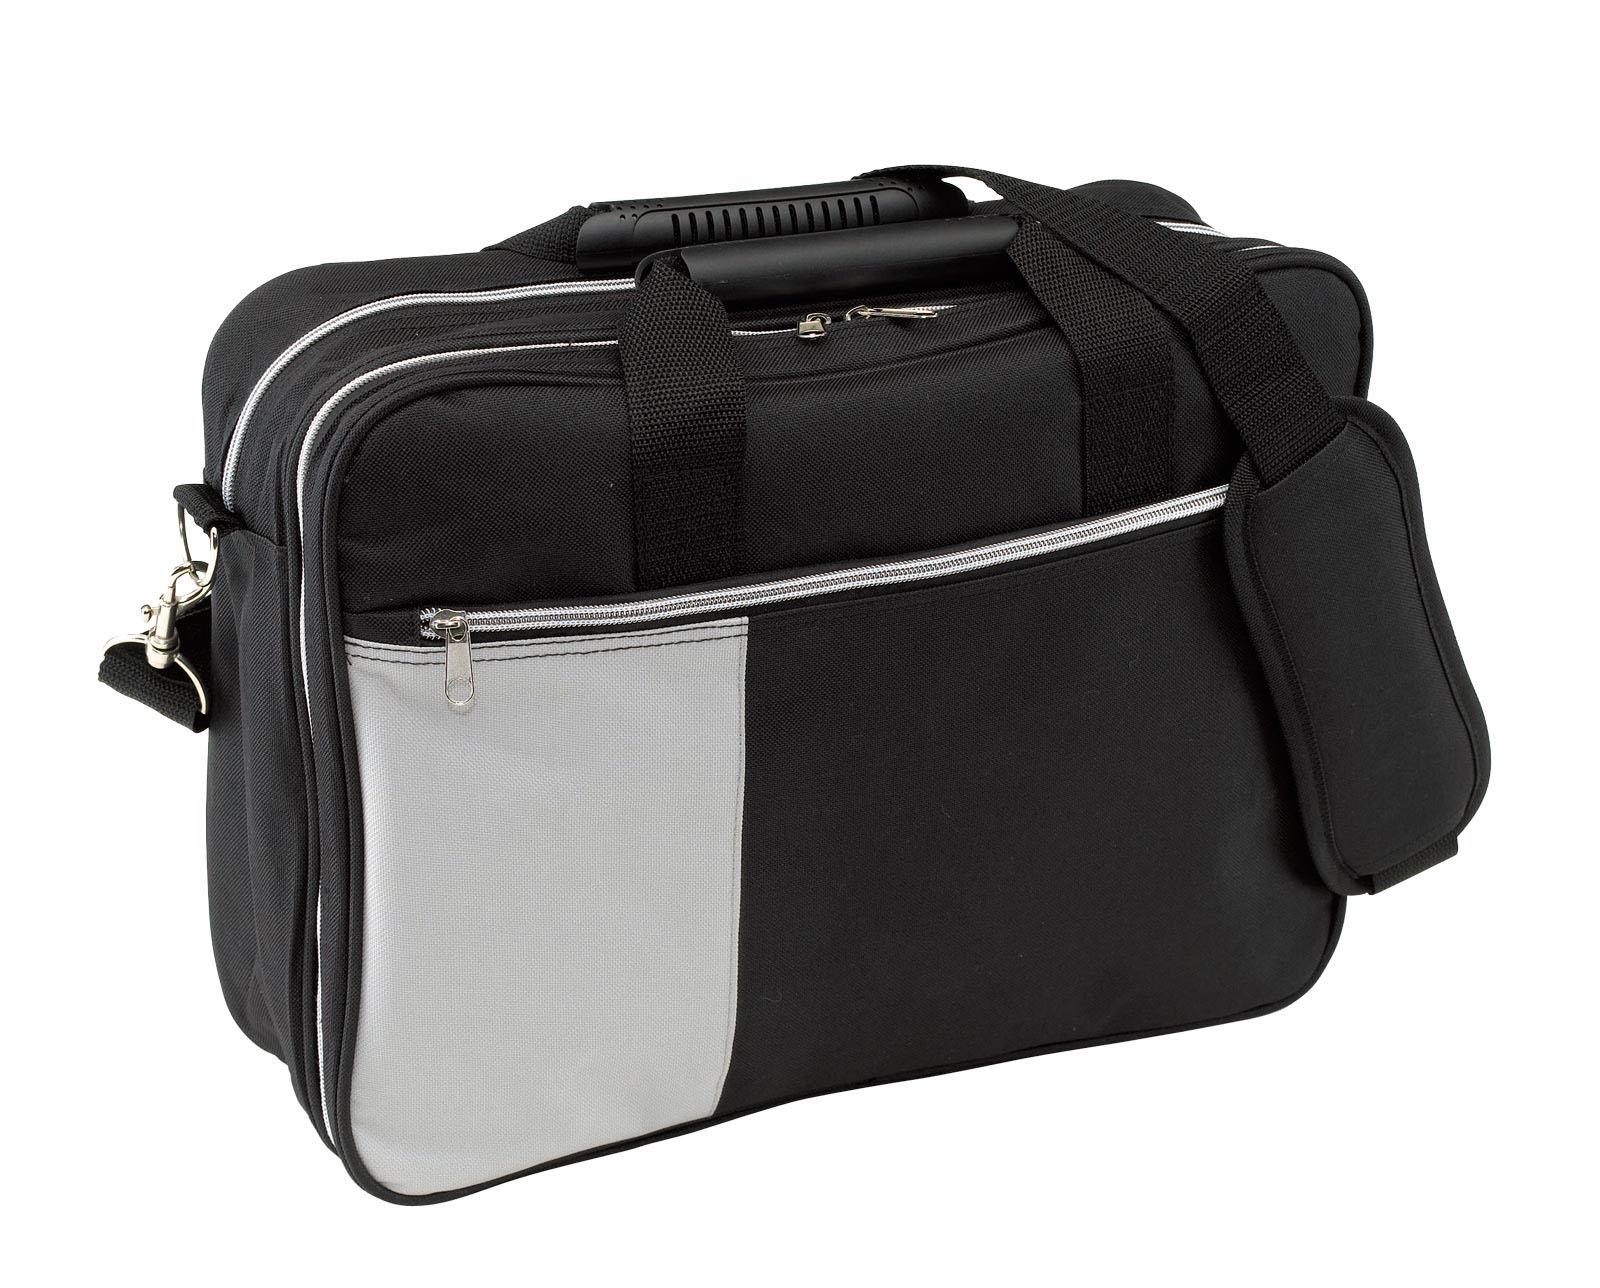 sac pour ordinateur portable personnalise ktop0805336 le. Black Bedroom Furniture Sets. Home Design Ideas